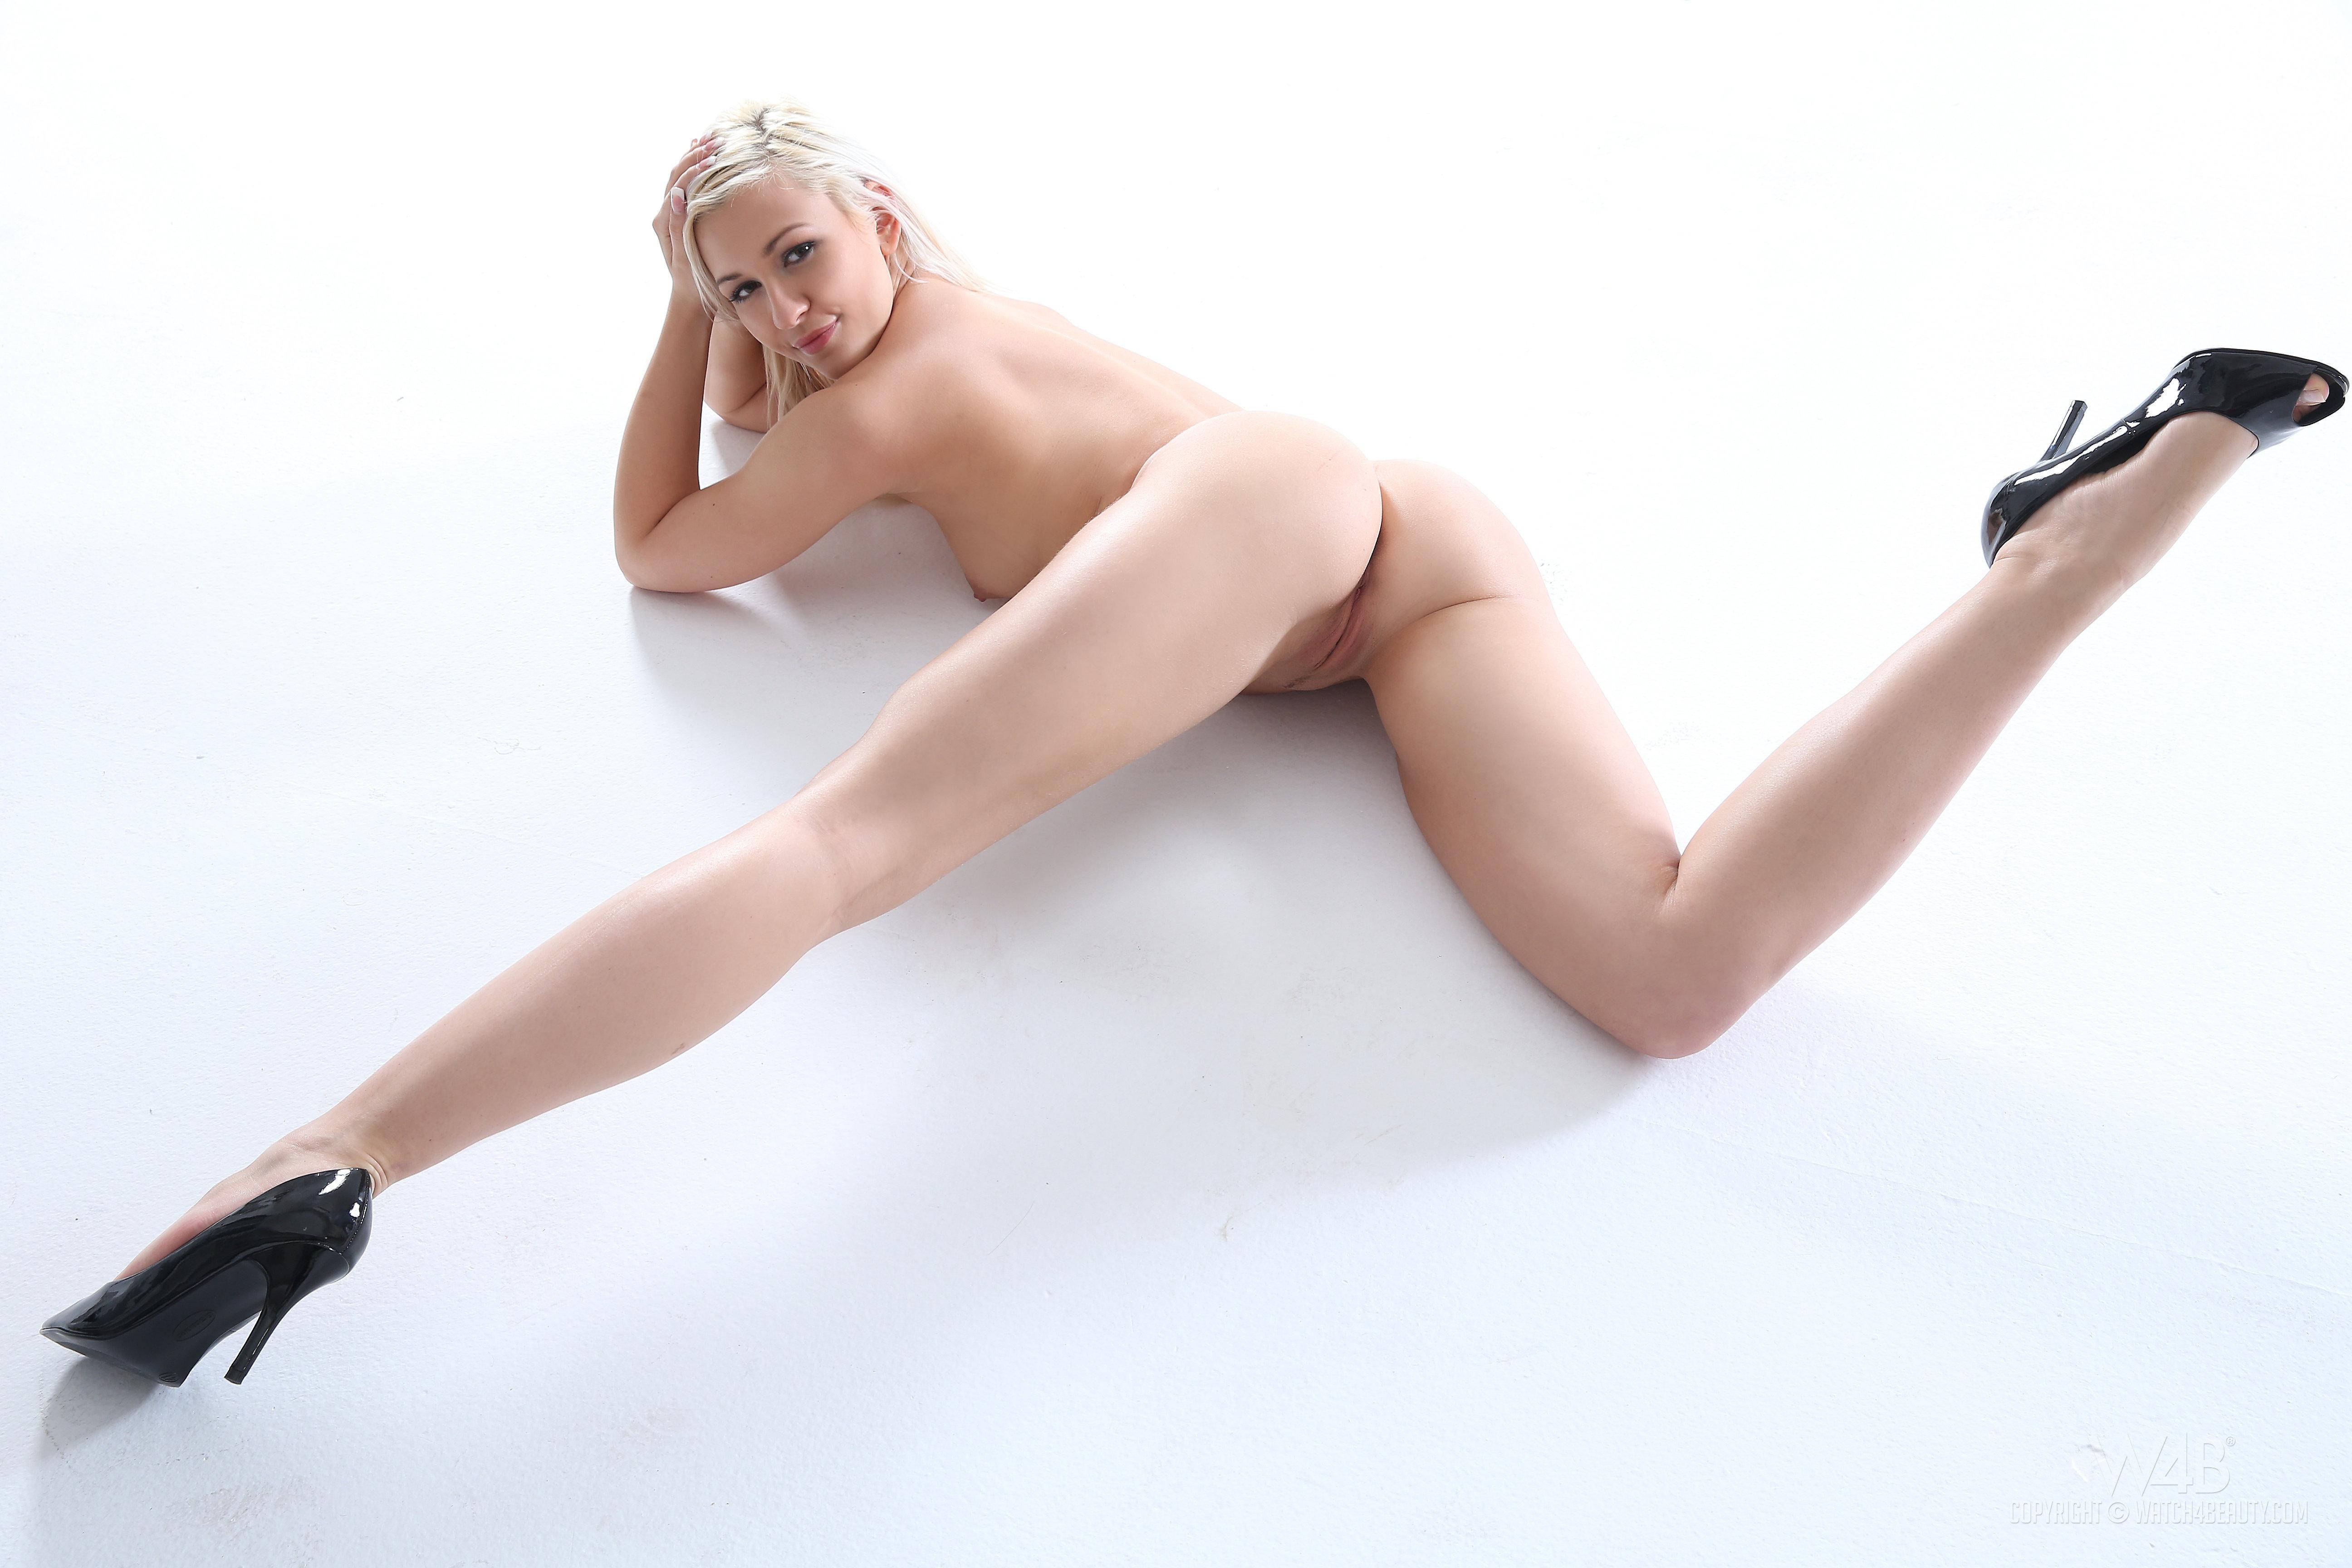 tracy delicious porn